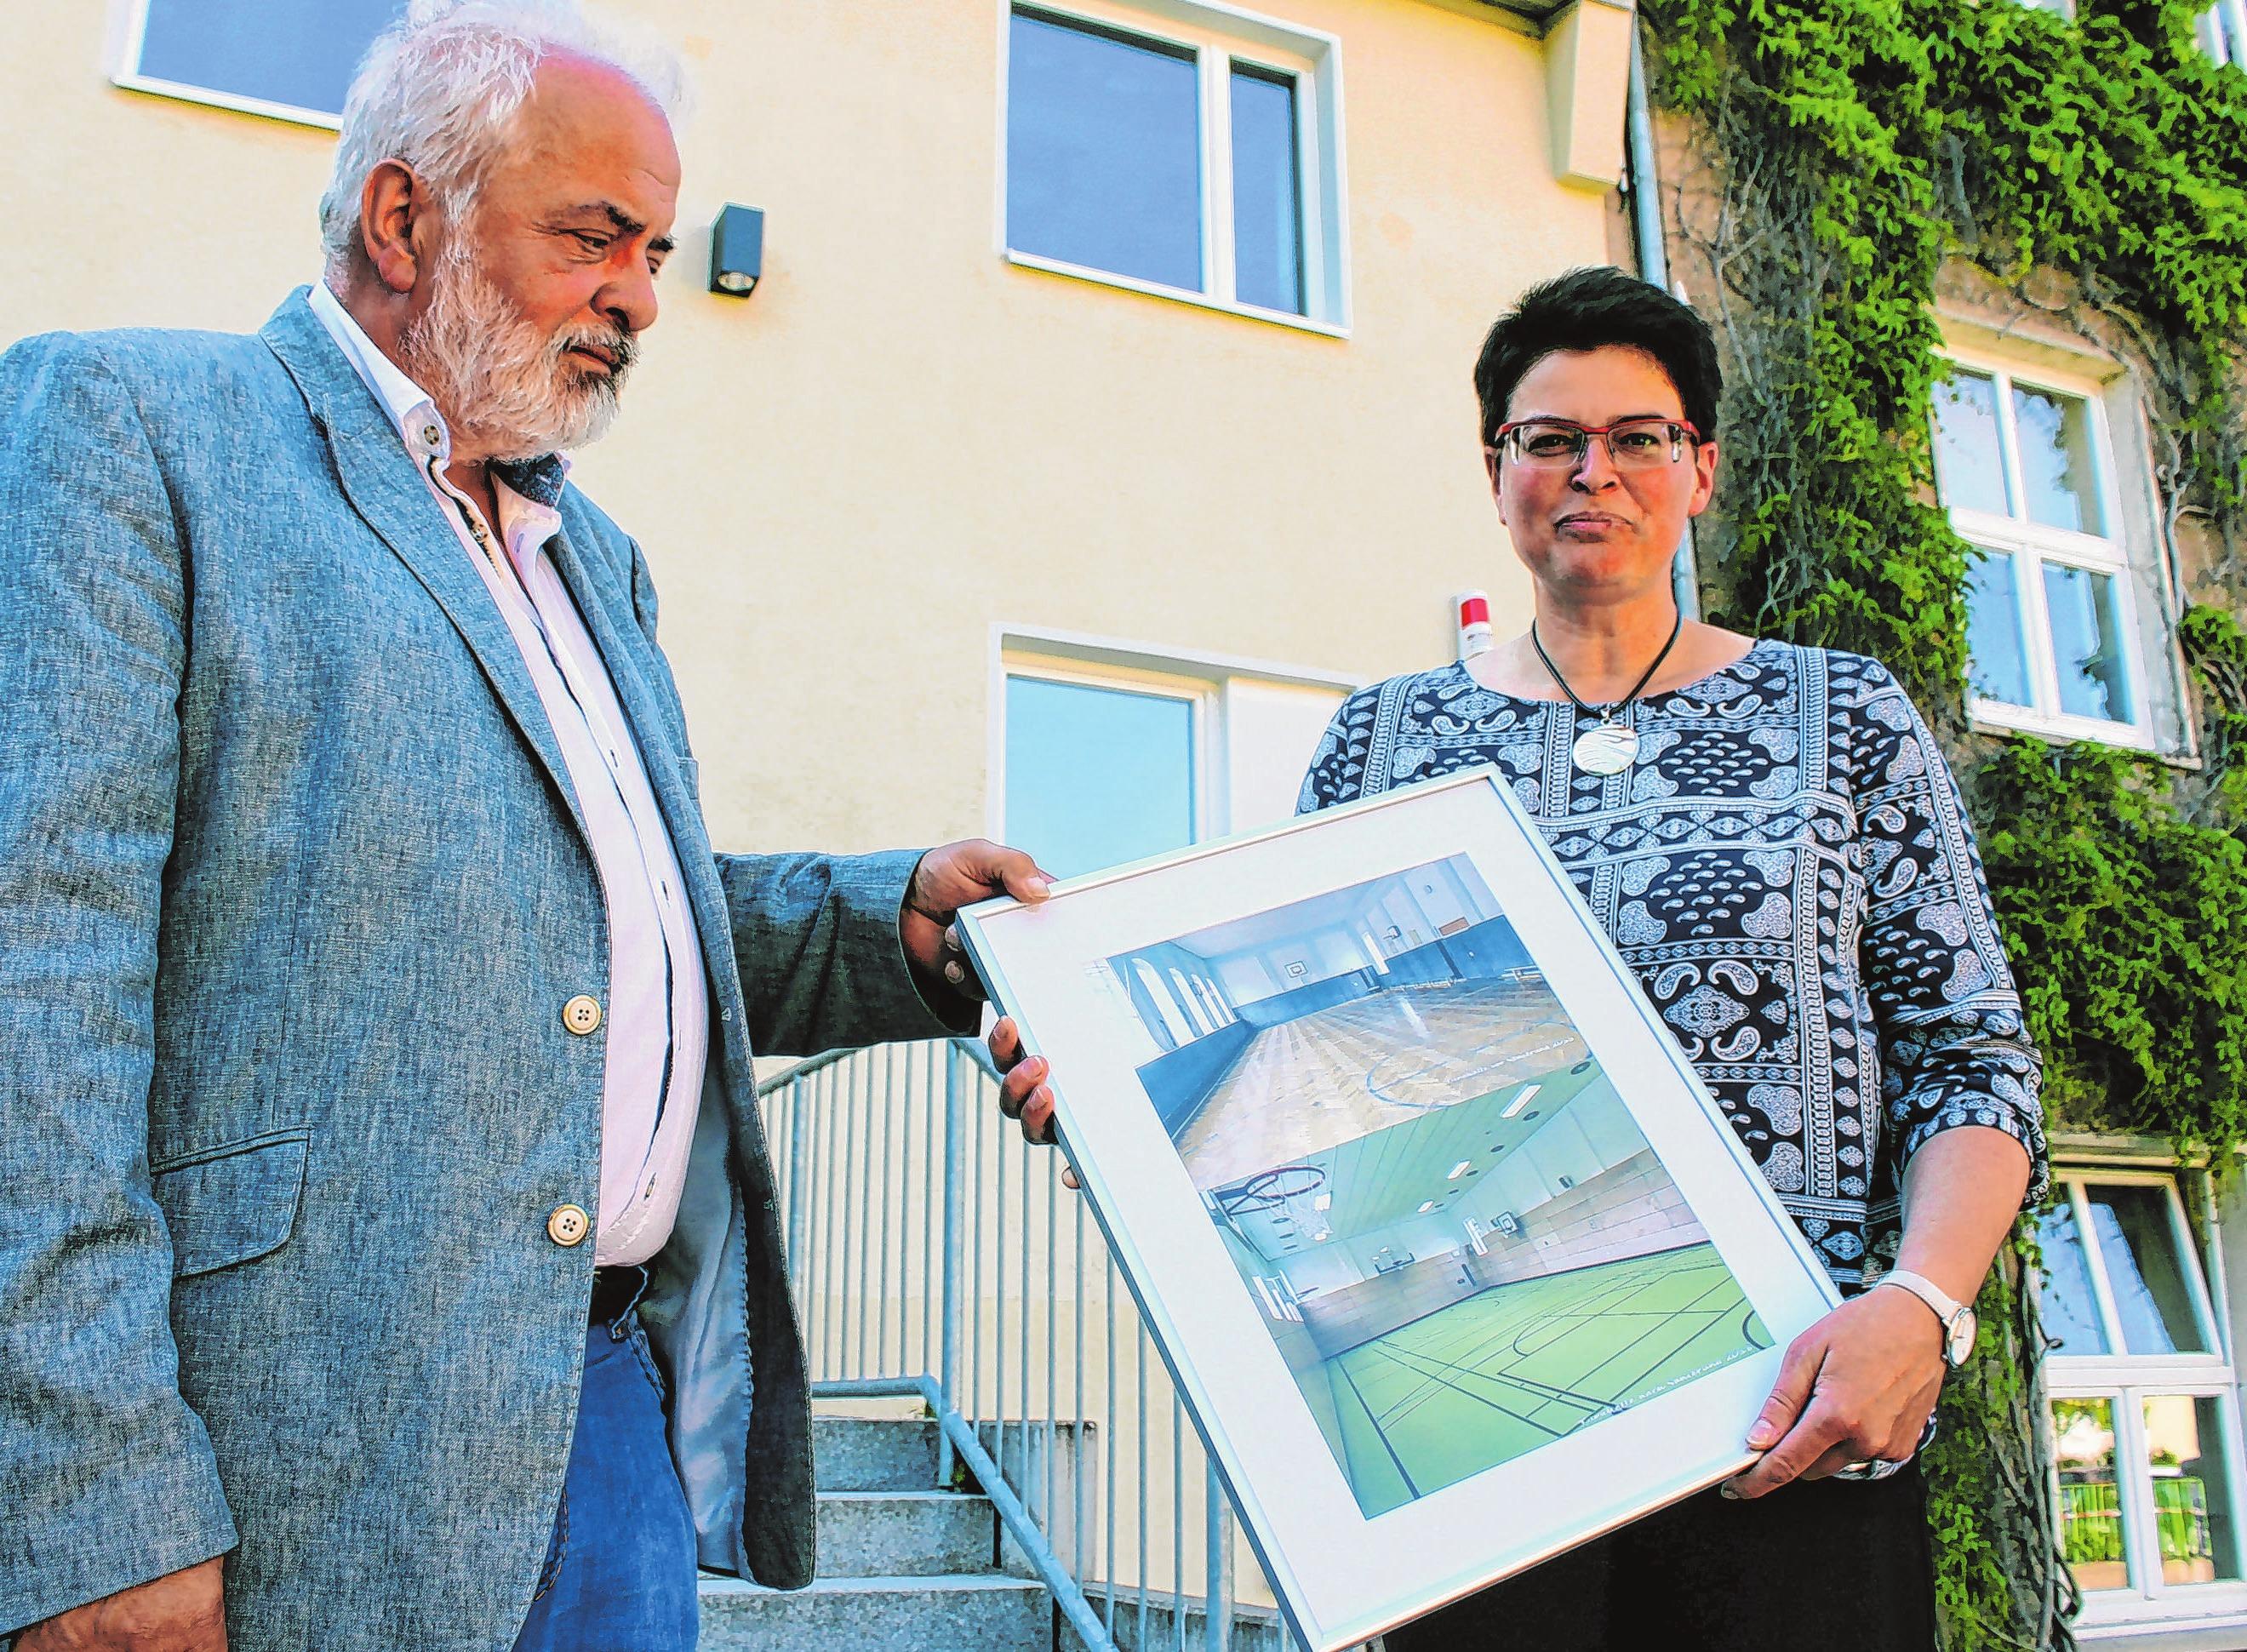 Bürgermeister Ronald Seeger überreichte Schulleiterin Kerstin Pollak eine Vorher-Nachher-Aufnahme zur Erinnerung an die Sanierung der Turnhalle. Foto: Bohm